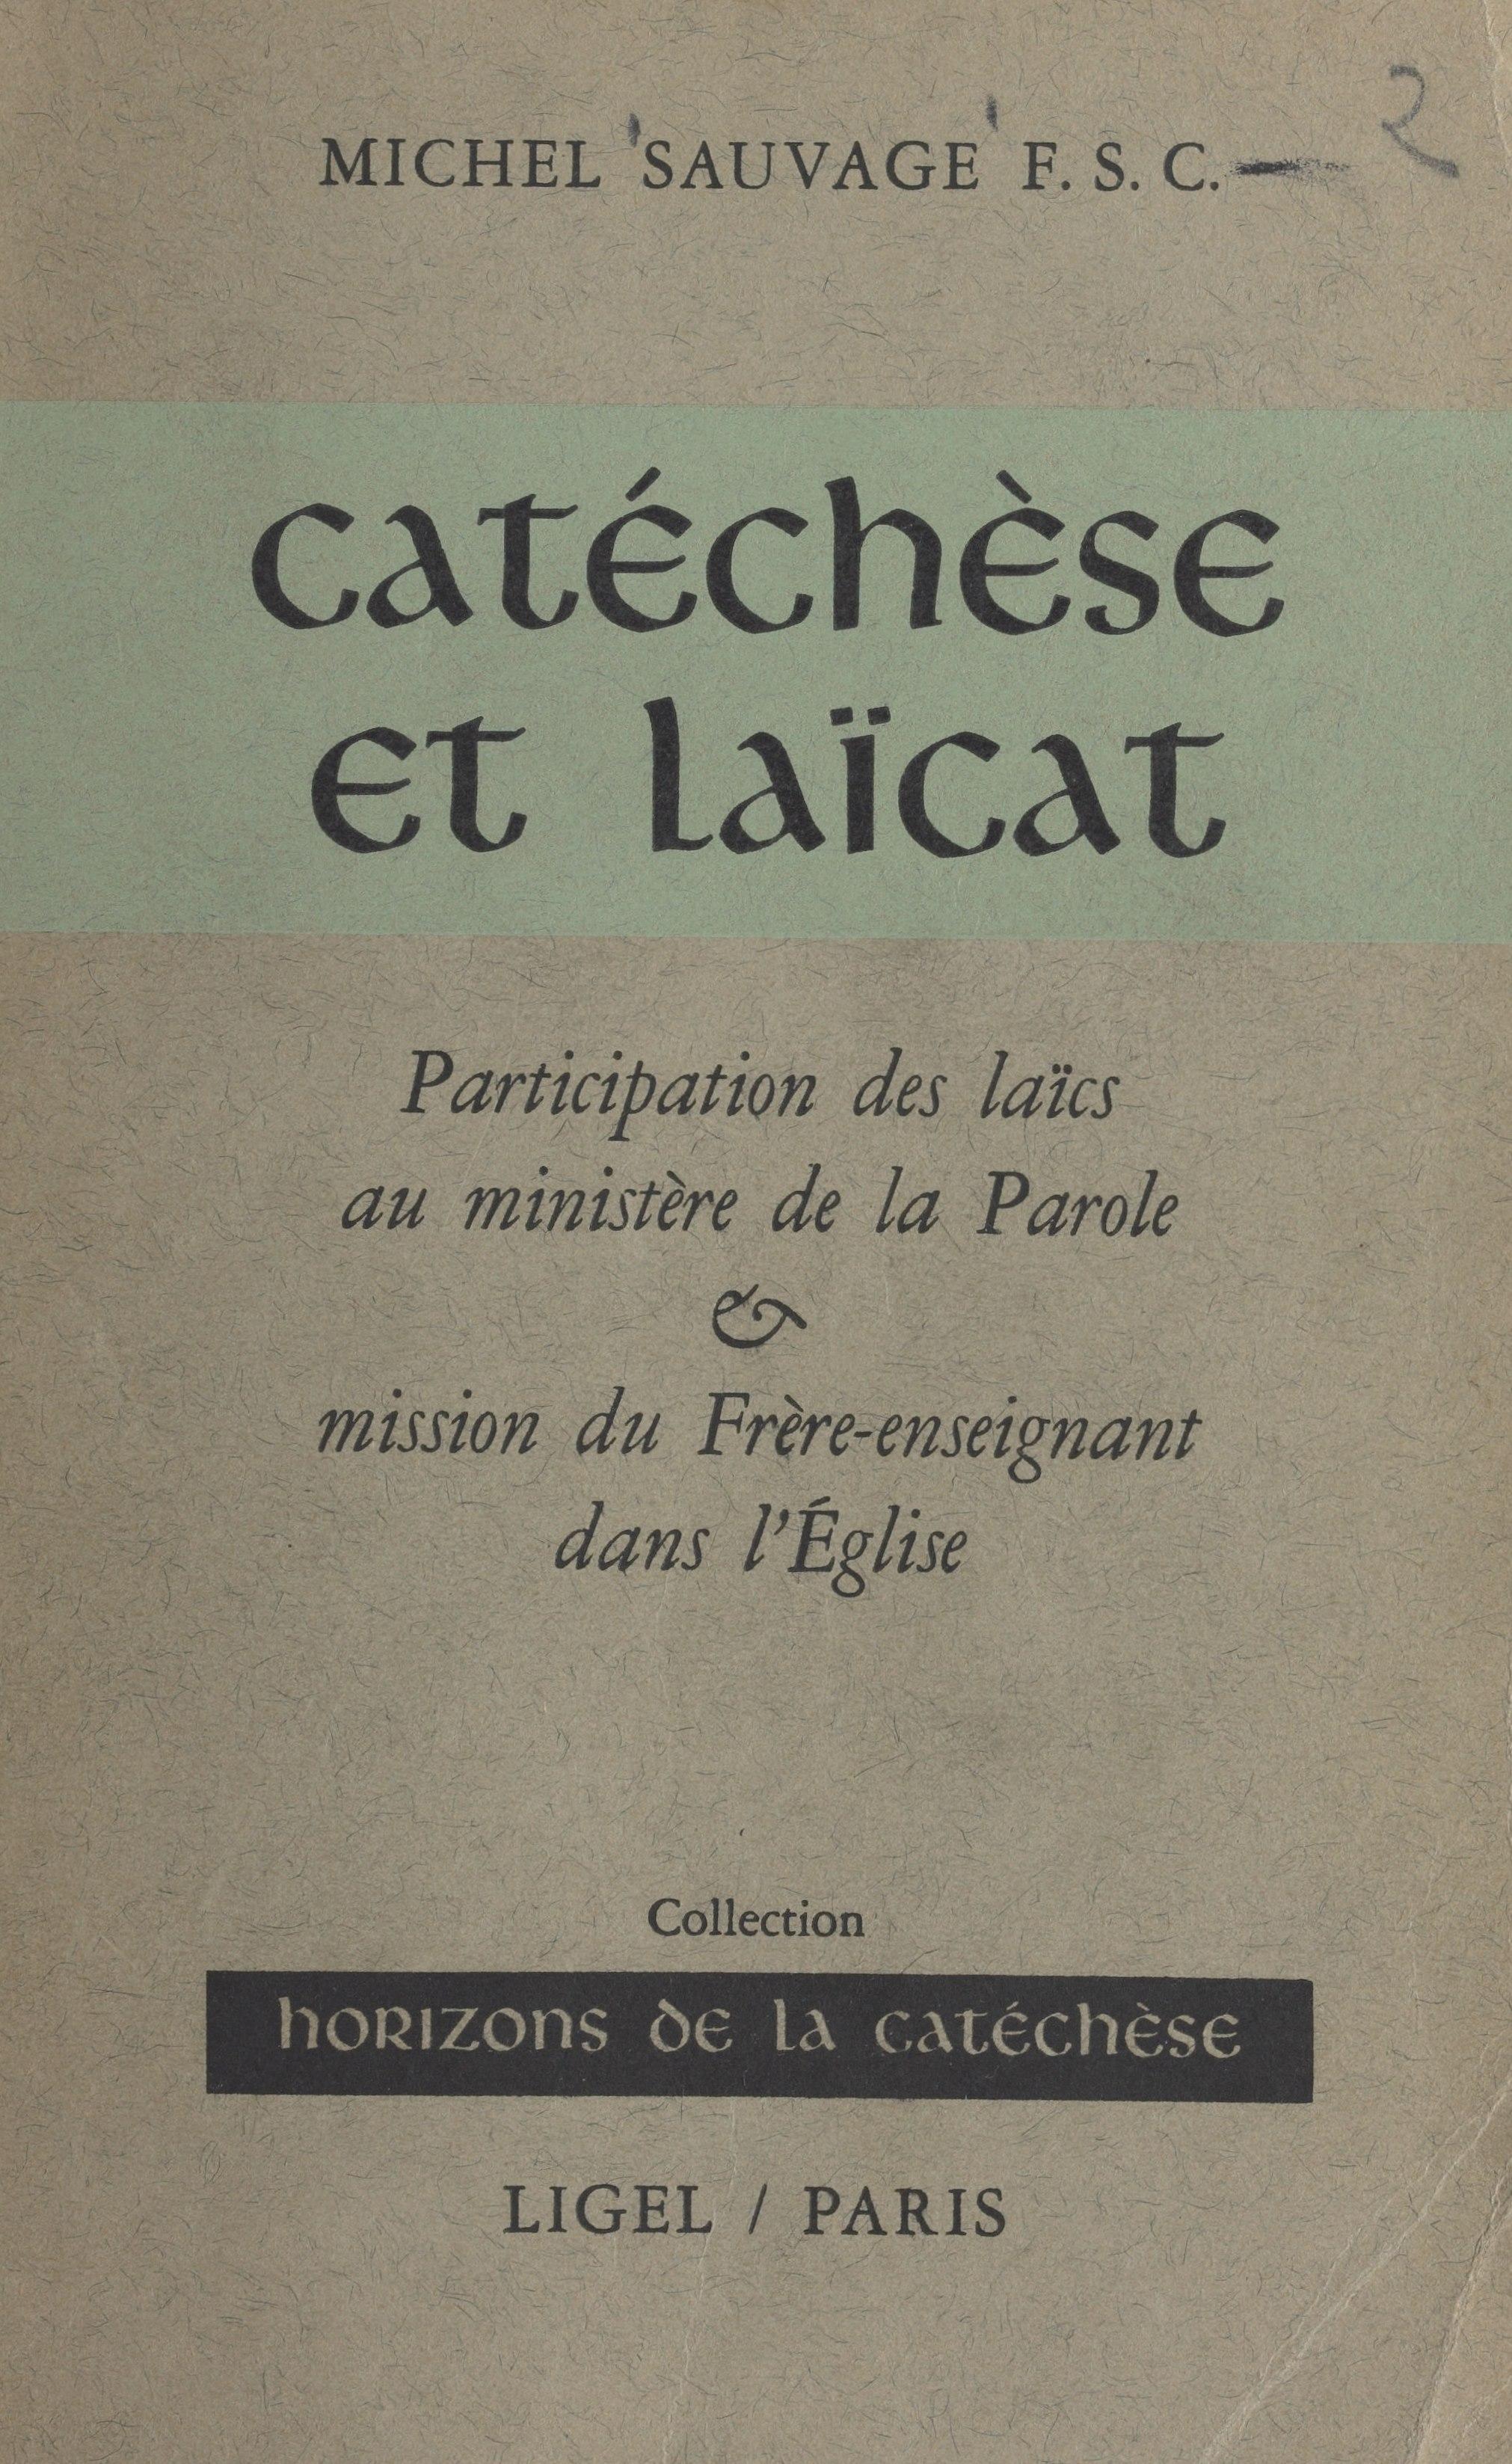 Catéchèse et laïcat